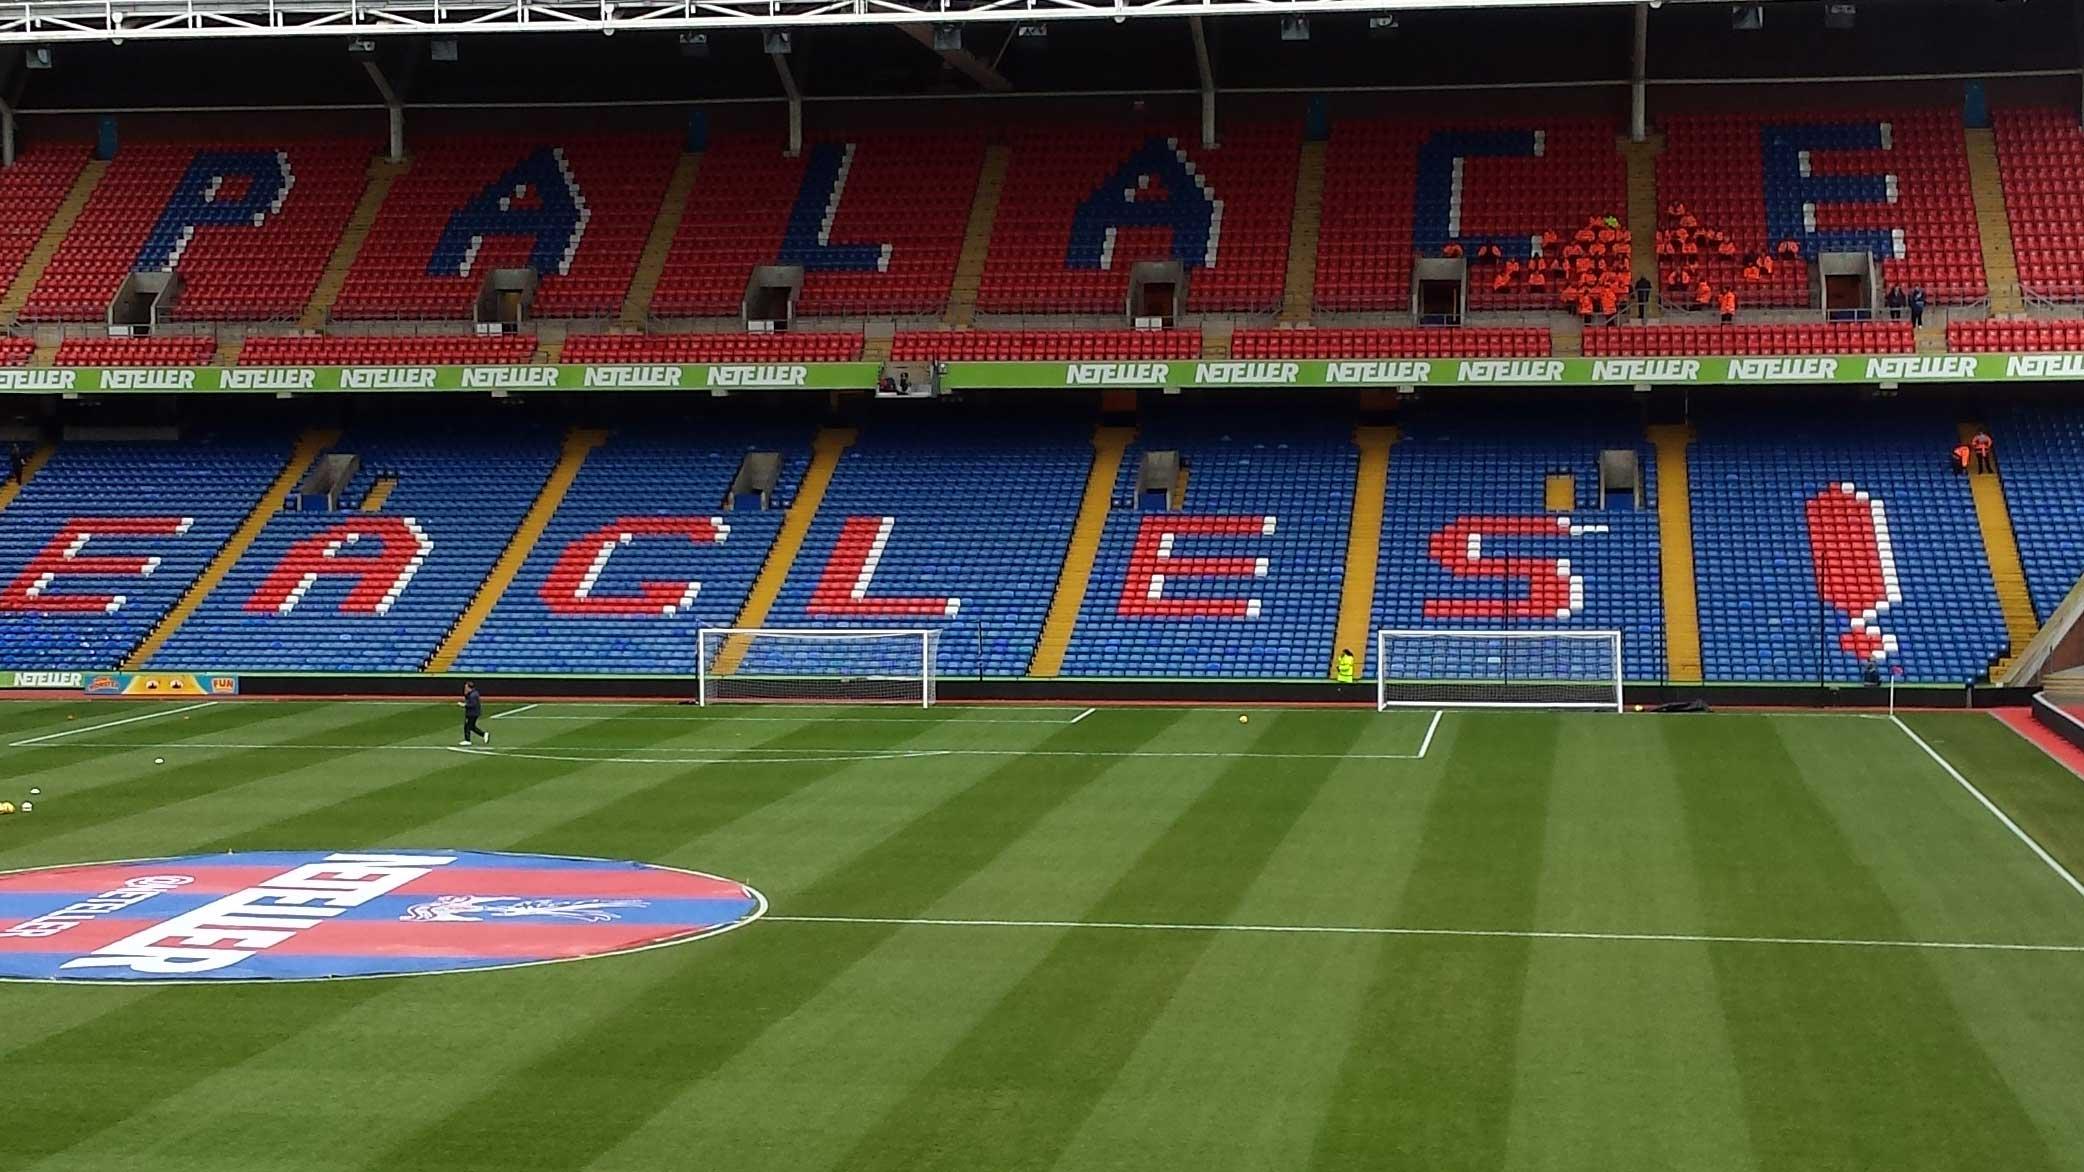 Selhurst Park of Crystal Palace med rödblåa läktare som säger Eagles! Tar dig till alla biljetter och fotbollsresor till Crystal Palace, Premier League i England